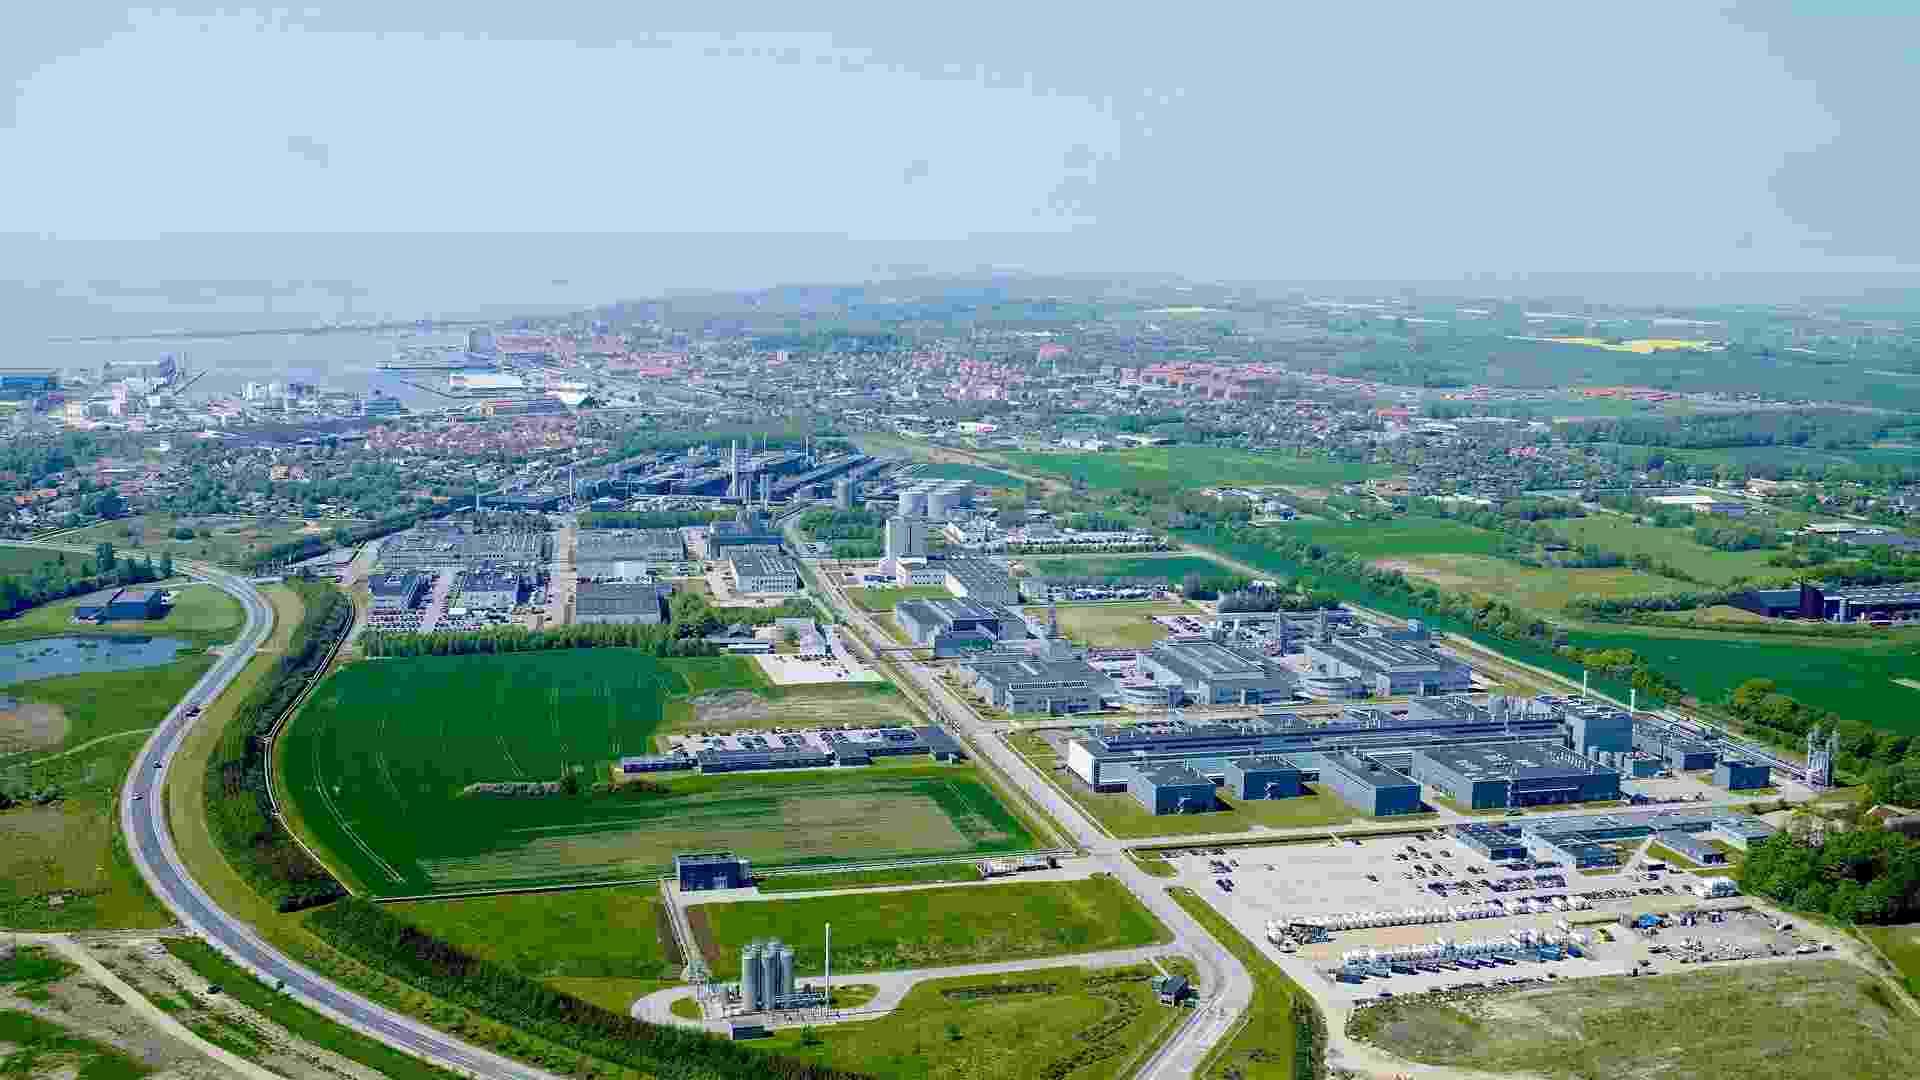 Set.2015 - Foto aérea mostra a fábrica de Kalundborg, na Dinamarca, a maior instalação de produção de insulina do mundo. A empresa dinamarquesa tem parques industriais em seis países, que produzem a droga durante 24 horas todos os 7 dias da semana.  Fundada em 1923, a Novo Nordisk é responsável por alimentar mais de 50% do mercado mundial atual. - Divulgação/Novo Nordisk